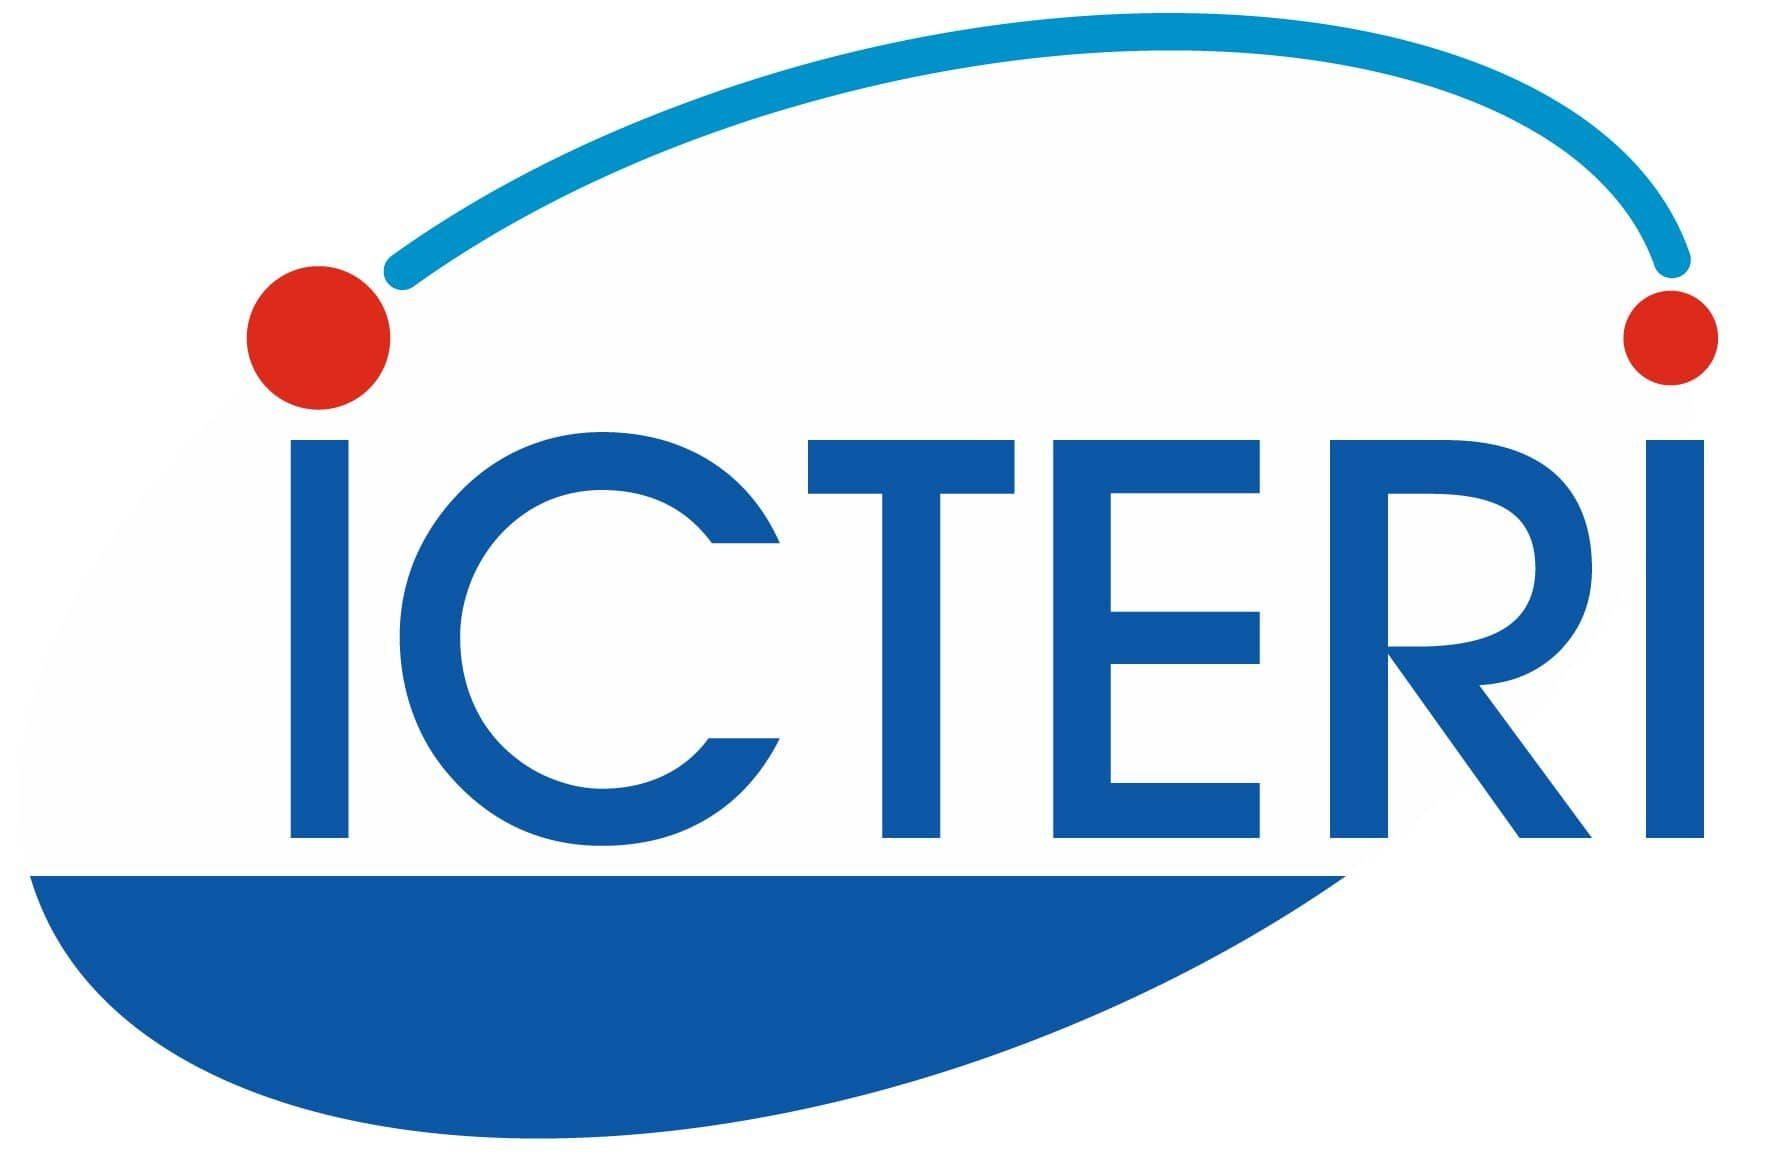 Херсонський держуніверситет виступив організатором міжнародної конференції у сфері IT